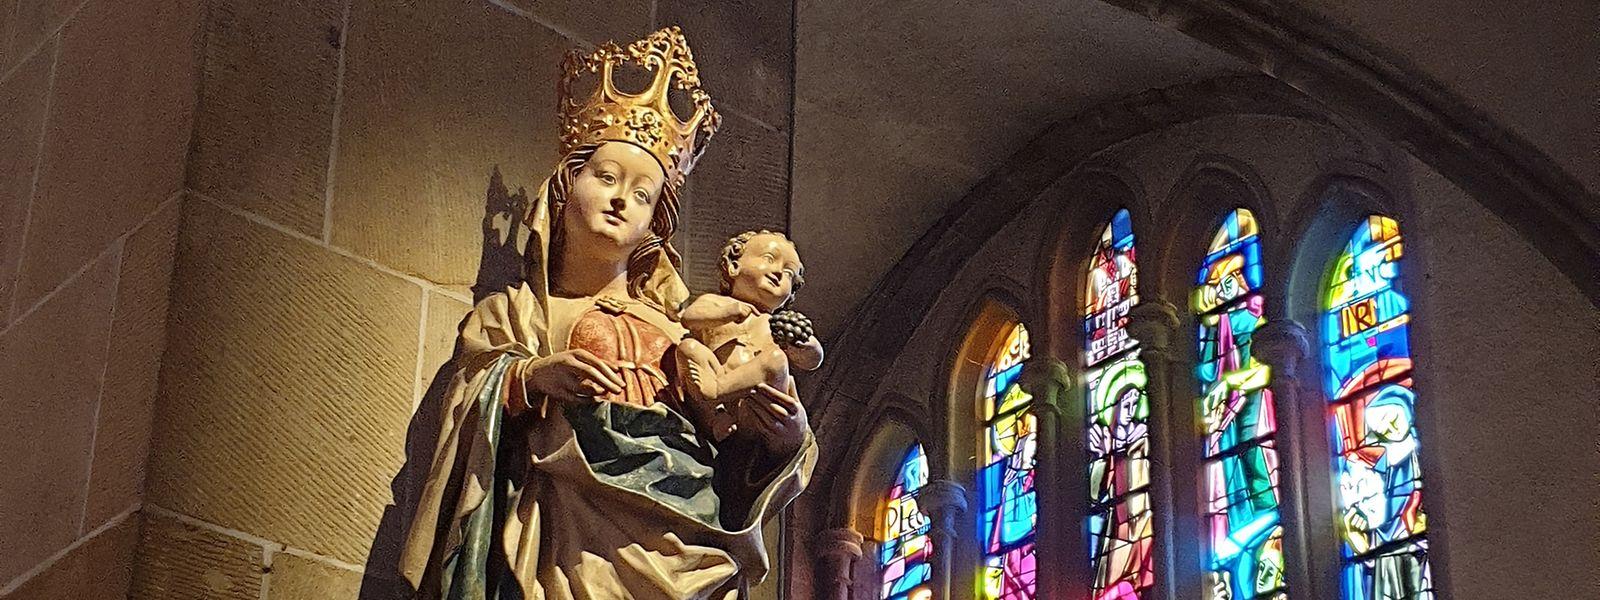 Trostspenderin für viele Gläubige: Die Madonna mit Kind in der Echternacher Basilika.